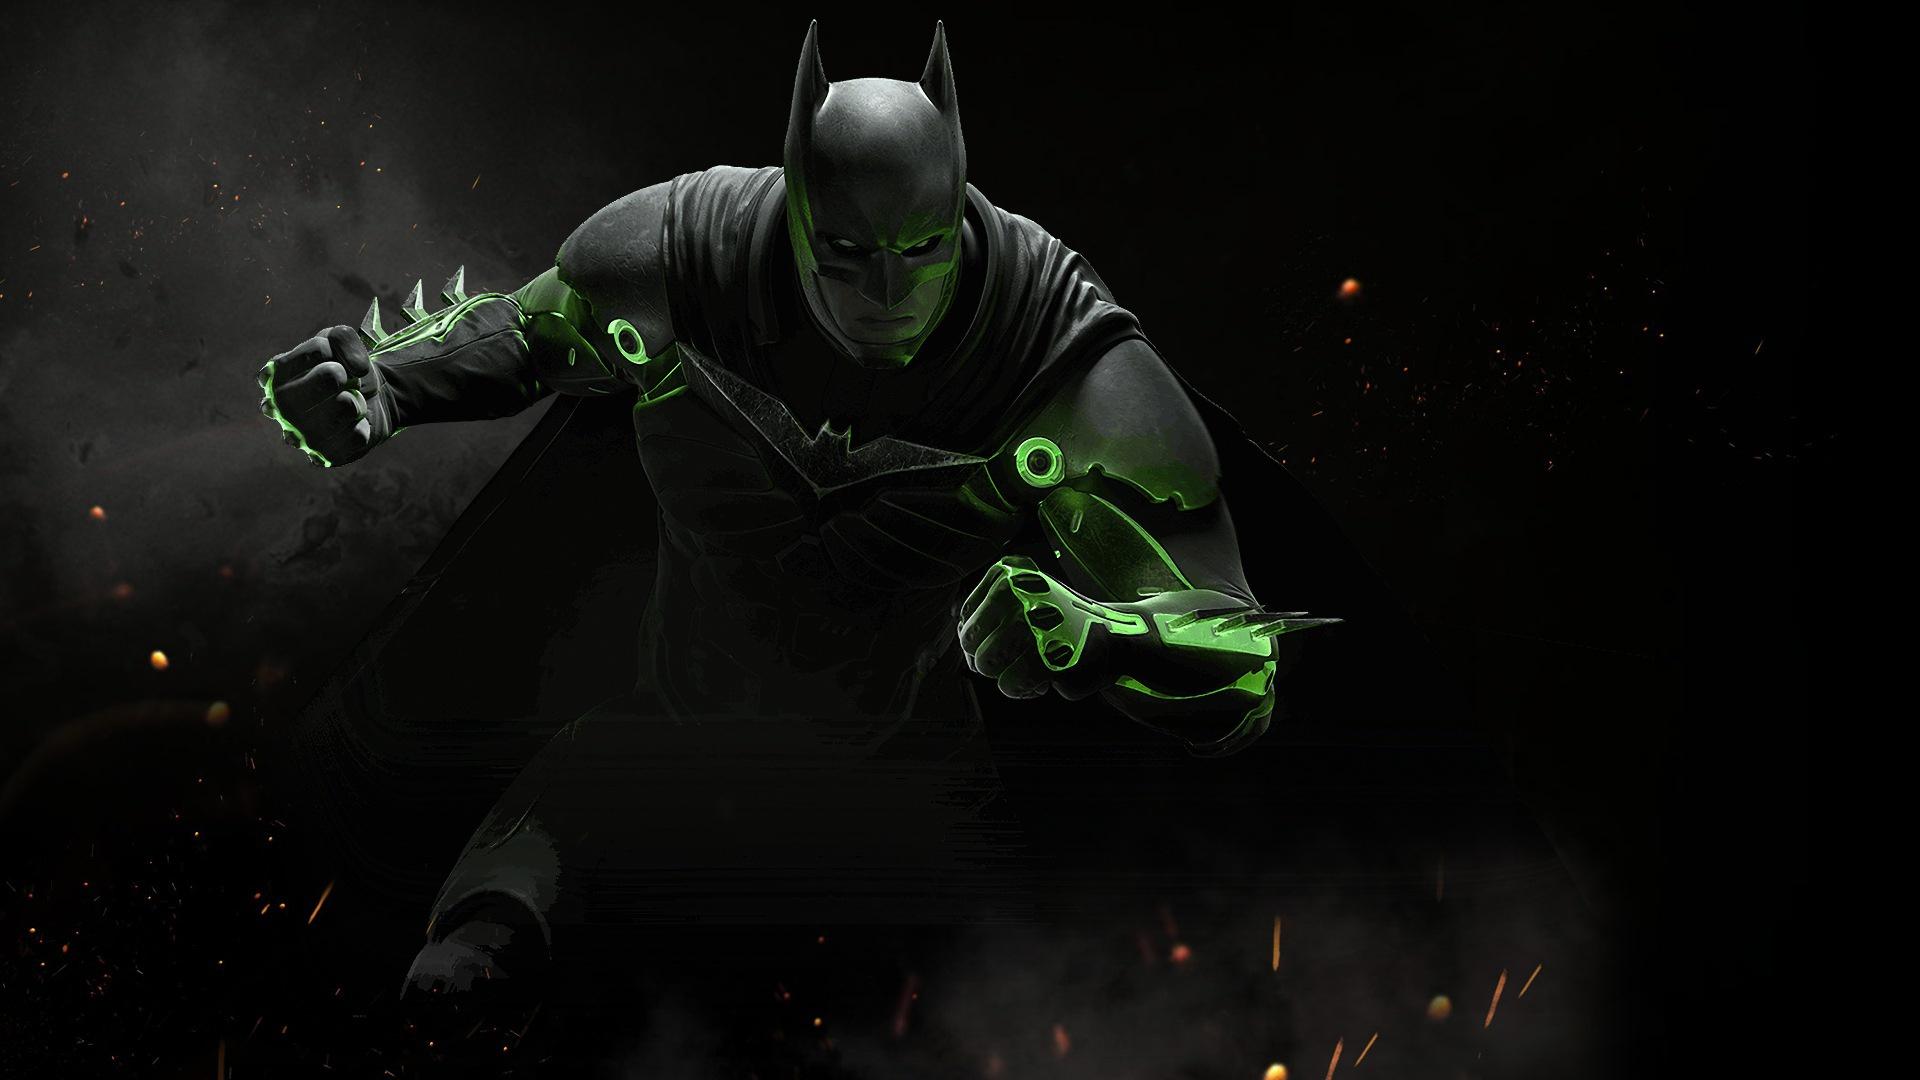 Бэтмен в несправедливости 2. обои скачать